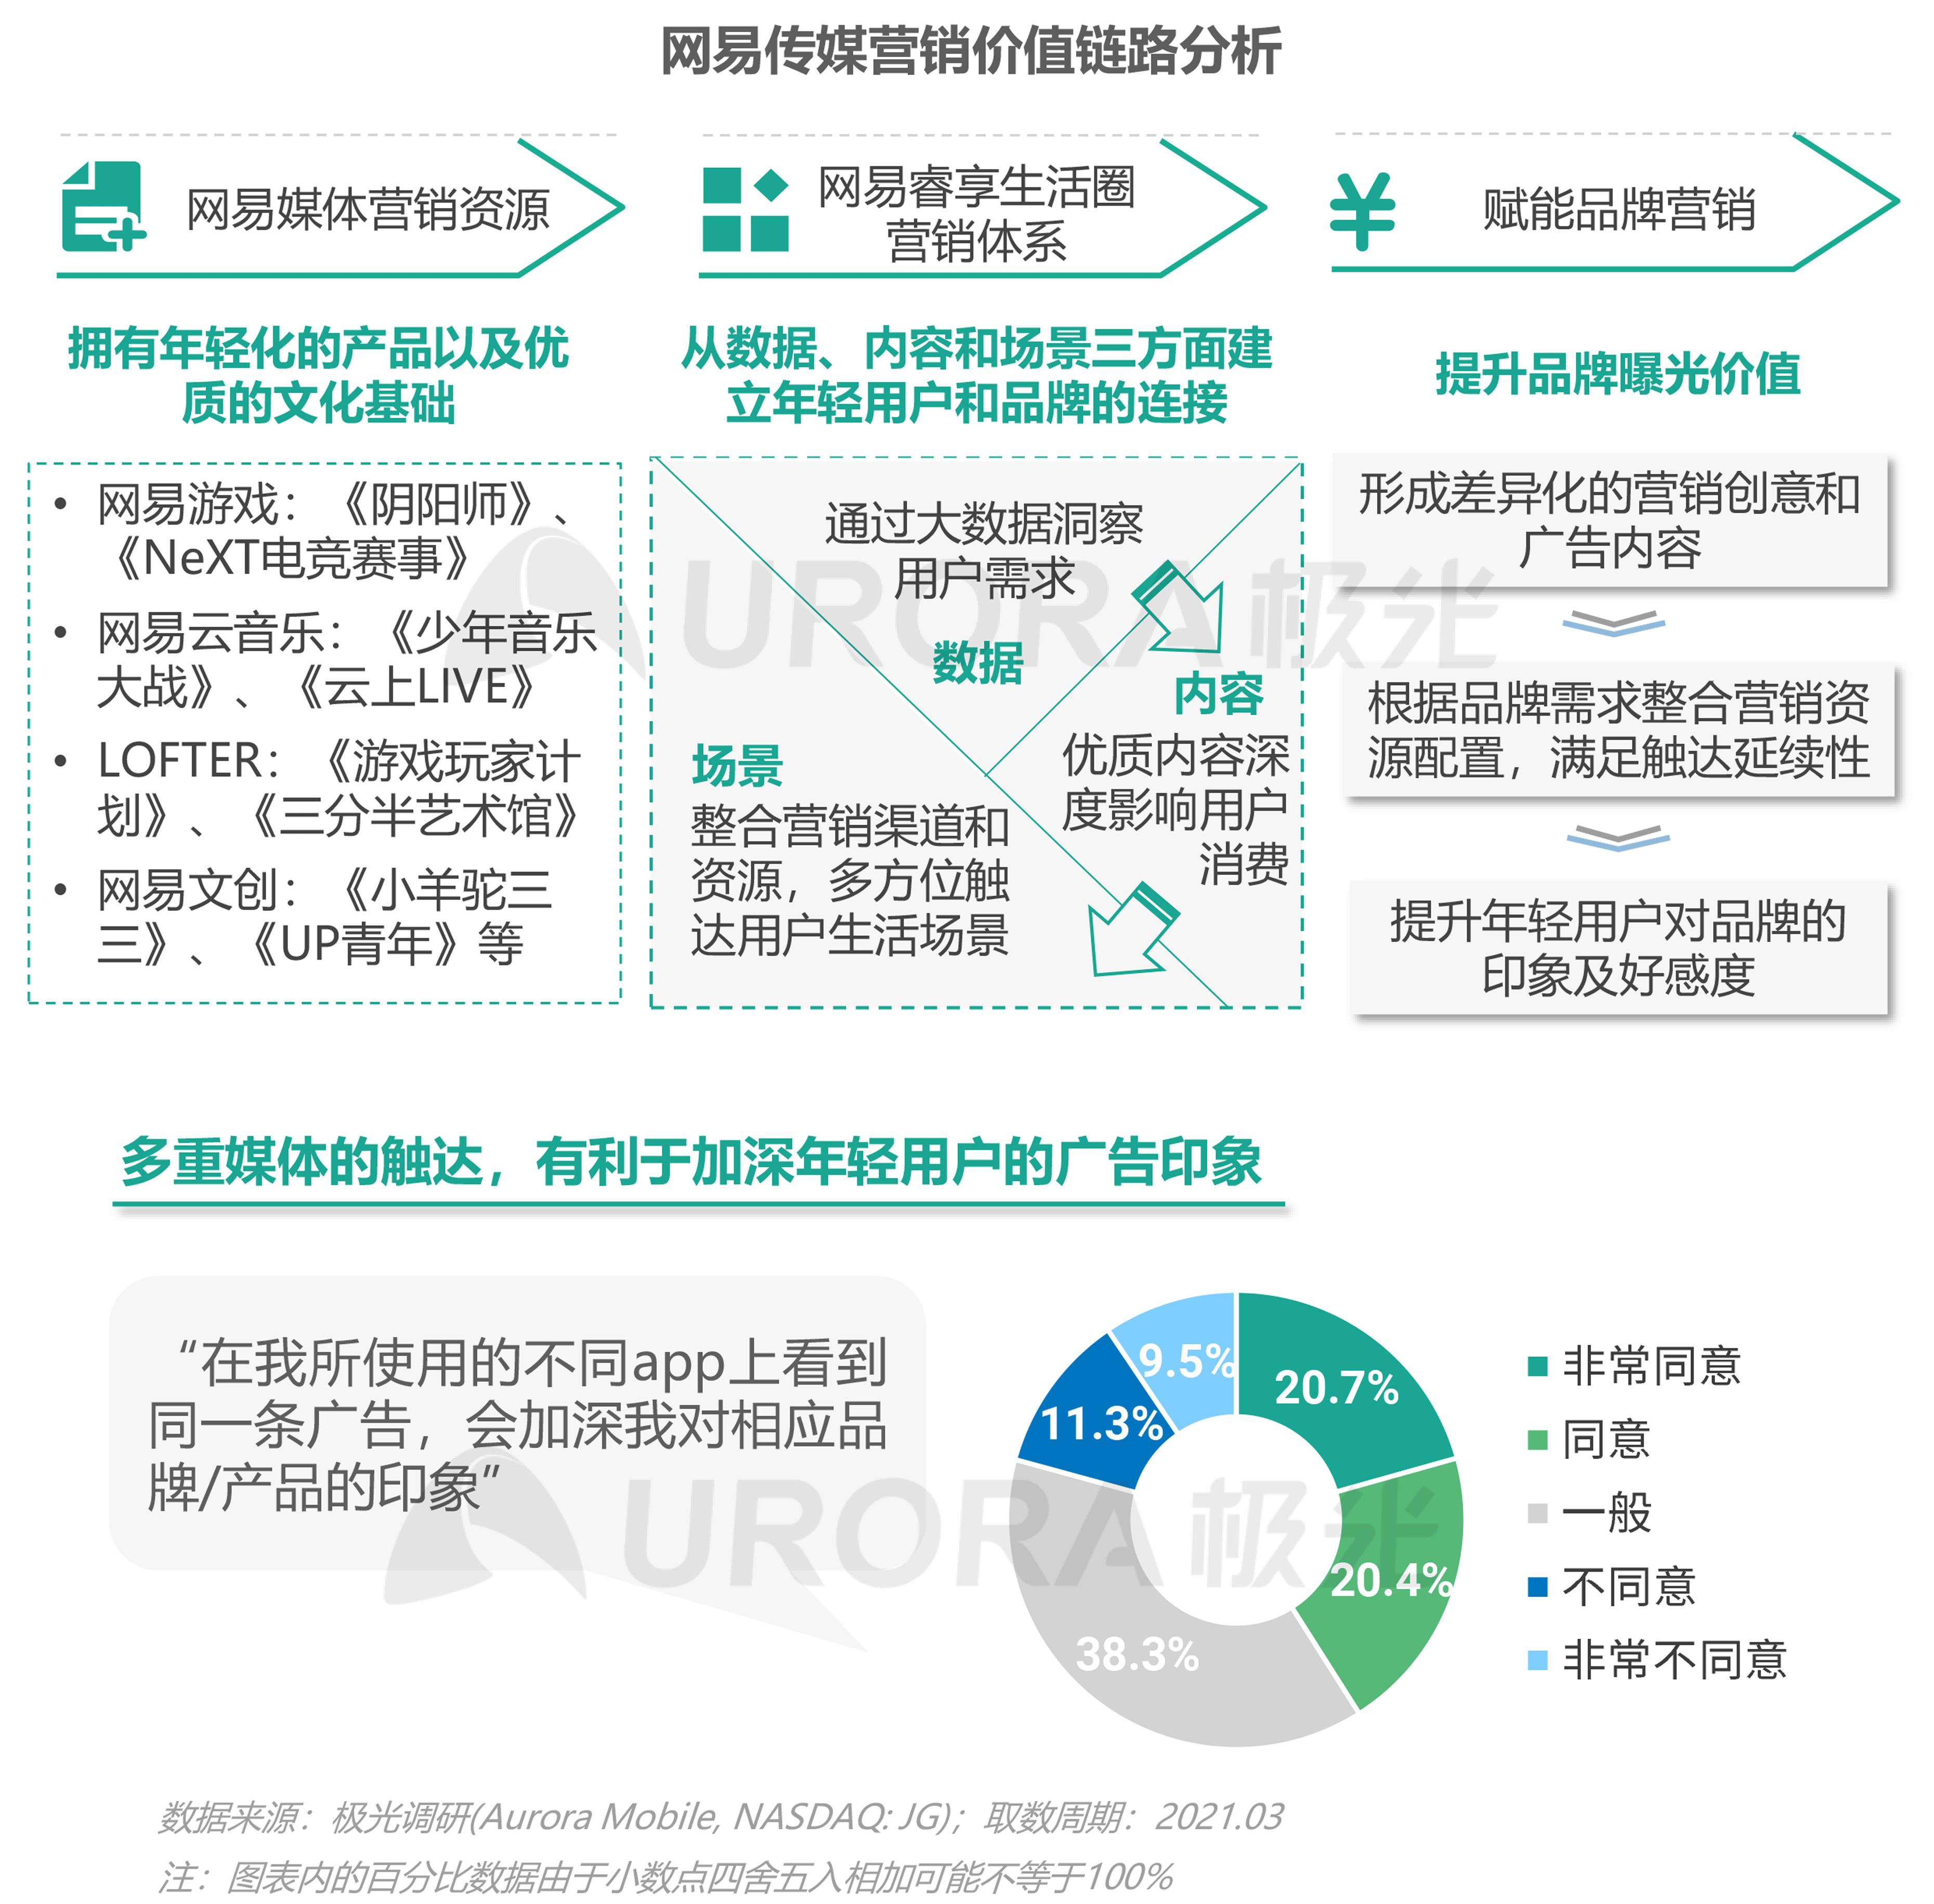 2021年轻人营销趋势研究报告【定稿】-42.png